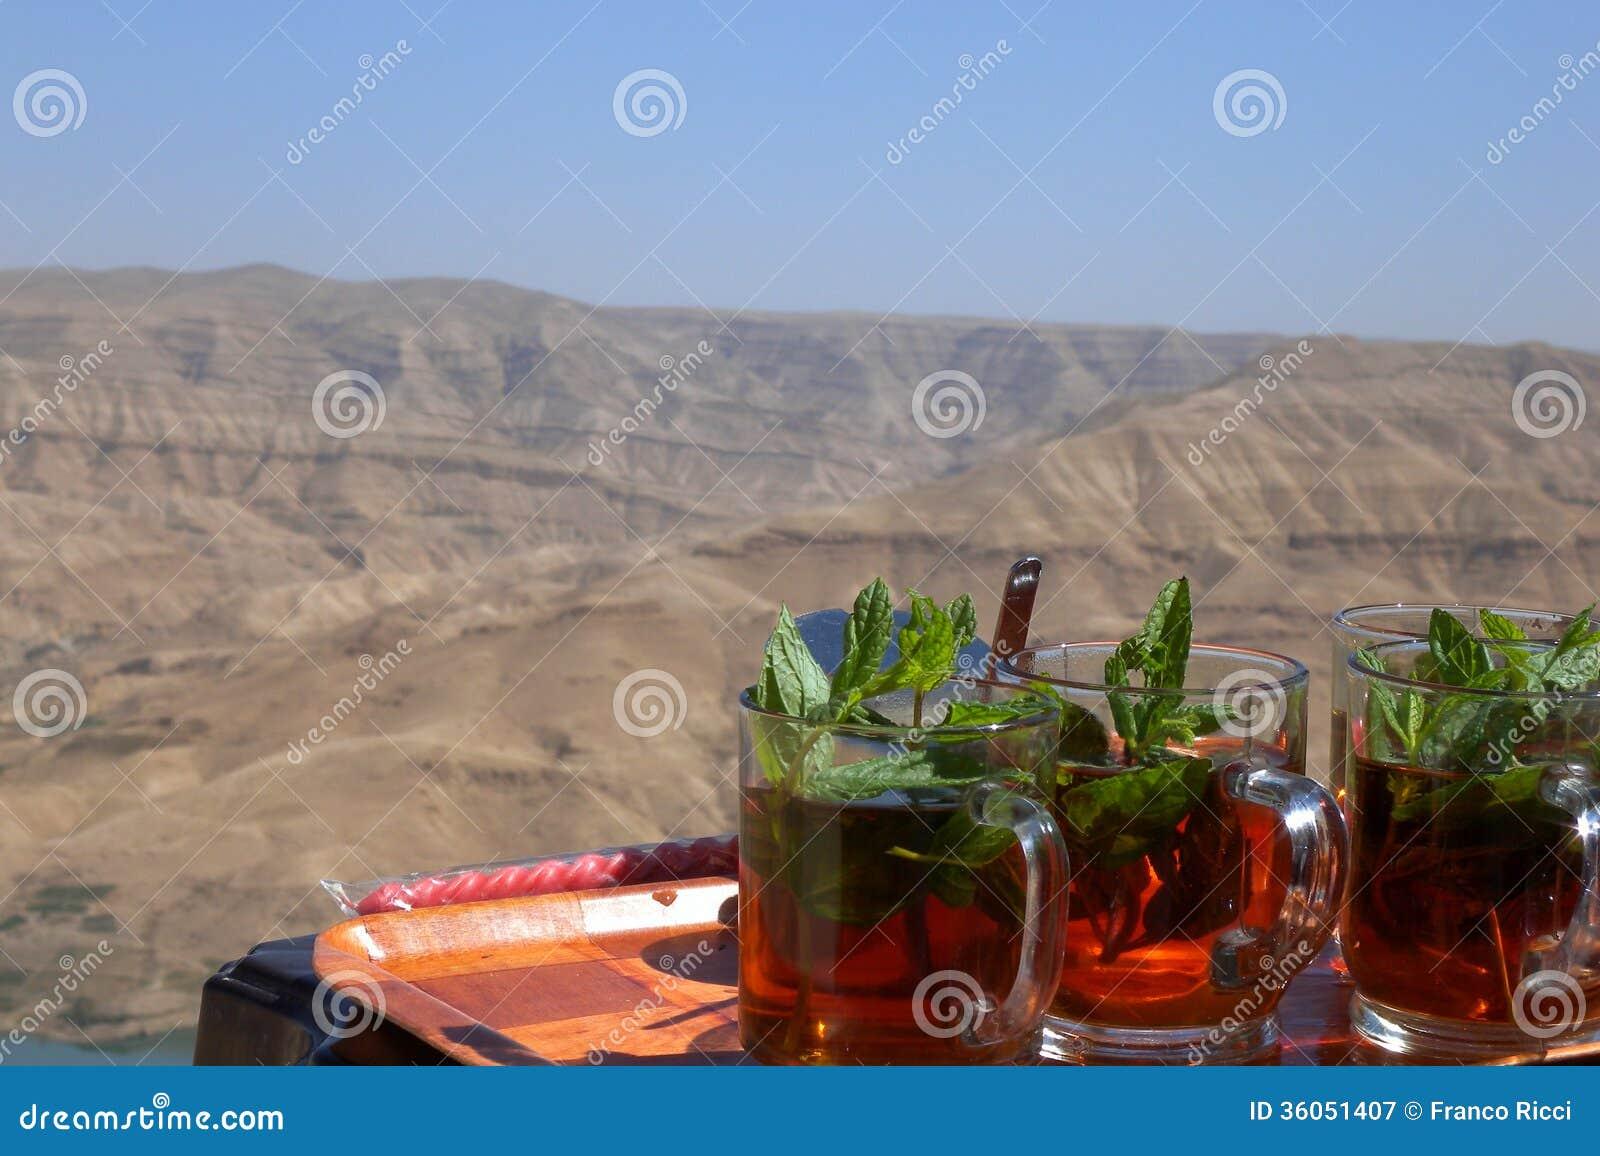 Jordanië - Thee in de woestijn